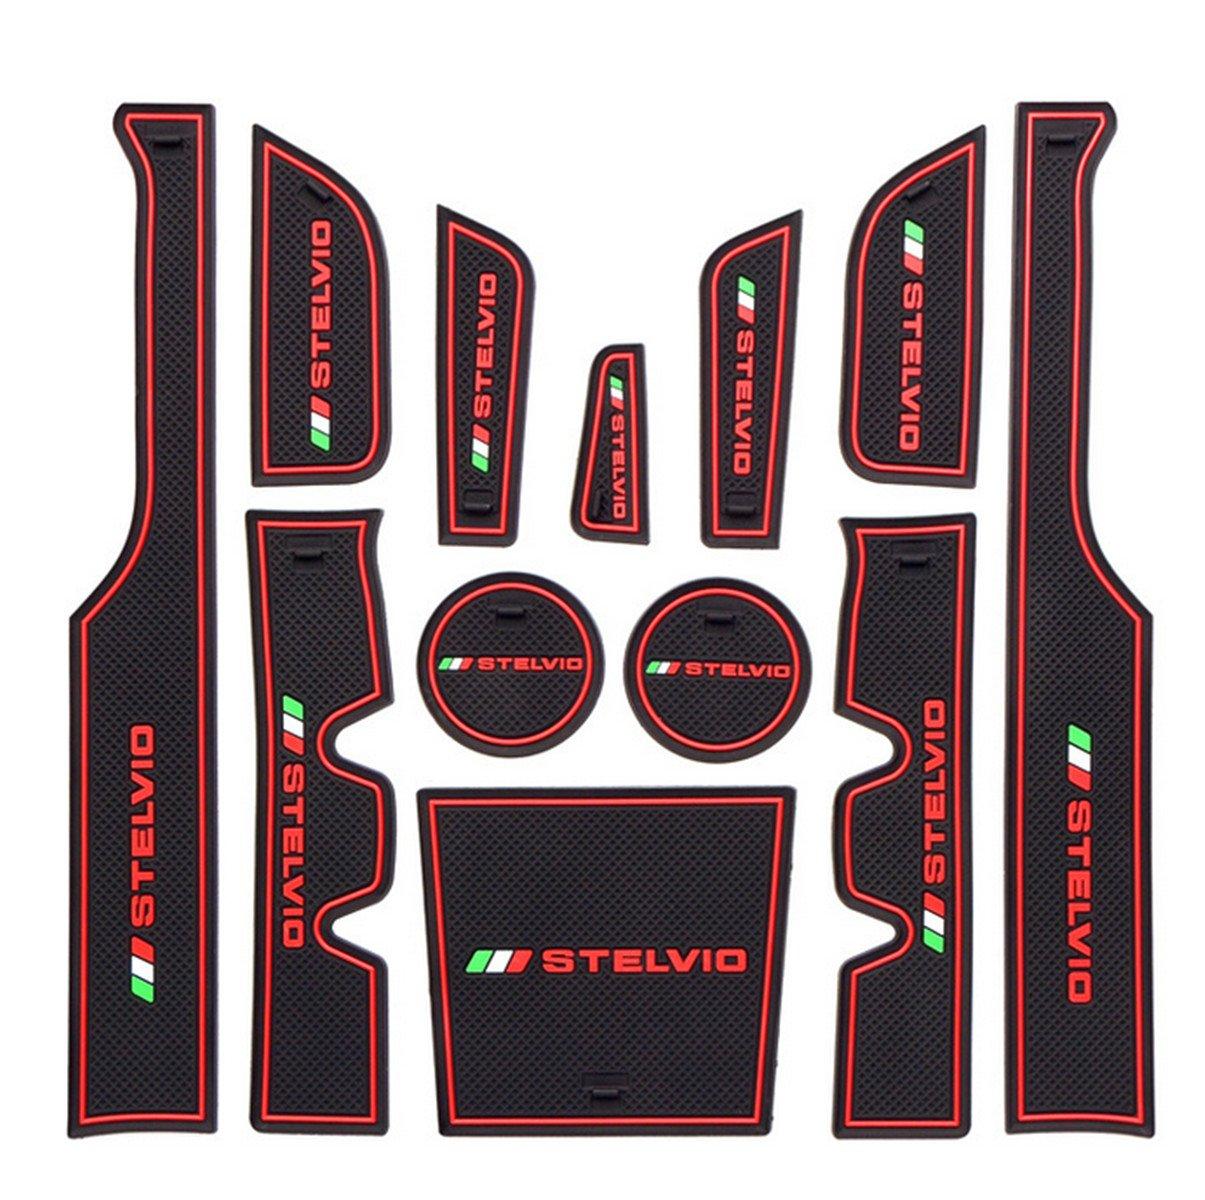 Yuwaton Fit for Alfa Romeo Stelvio Interior Accessories Suspension Non-Slip Silicone Mat Cup Mat Storage Box Mat (red)